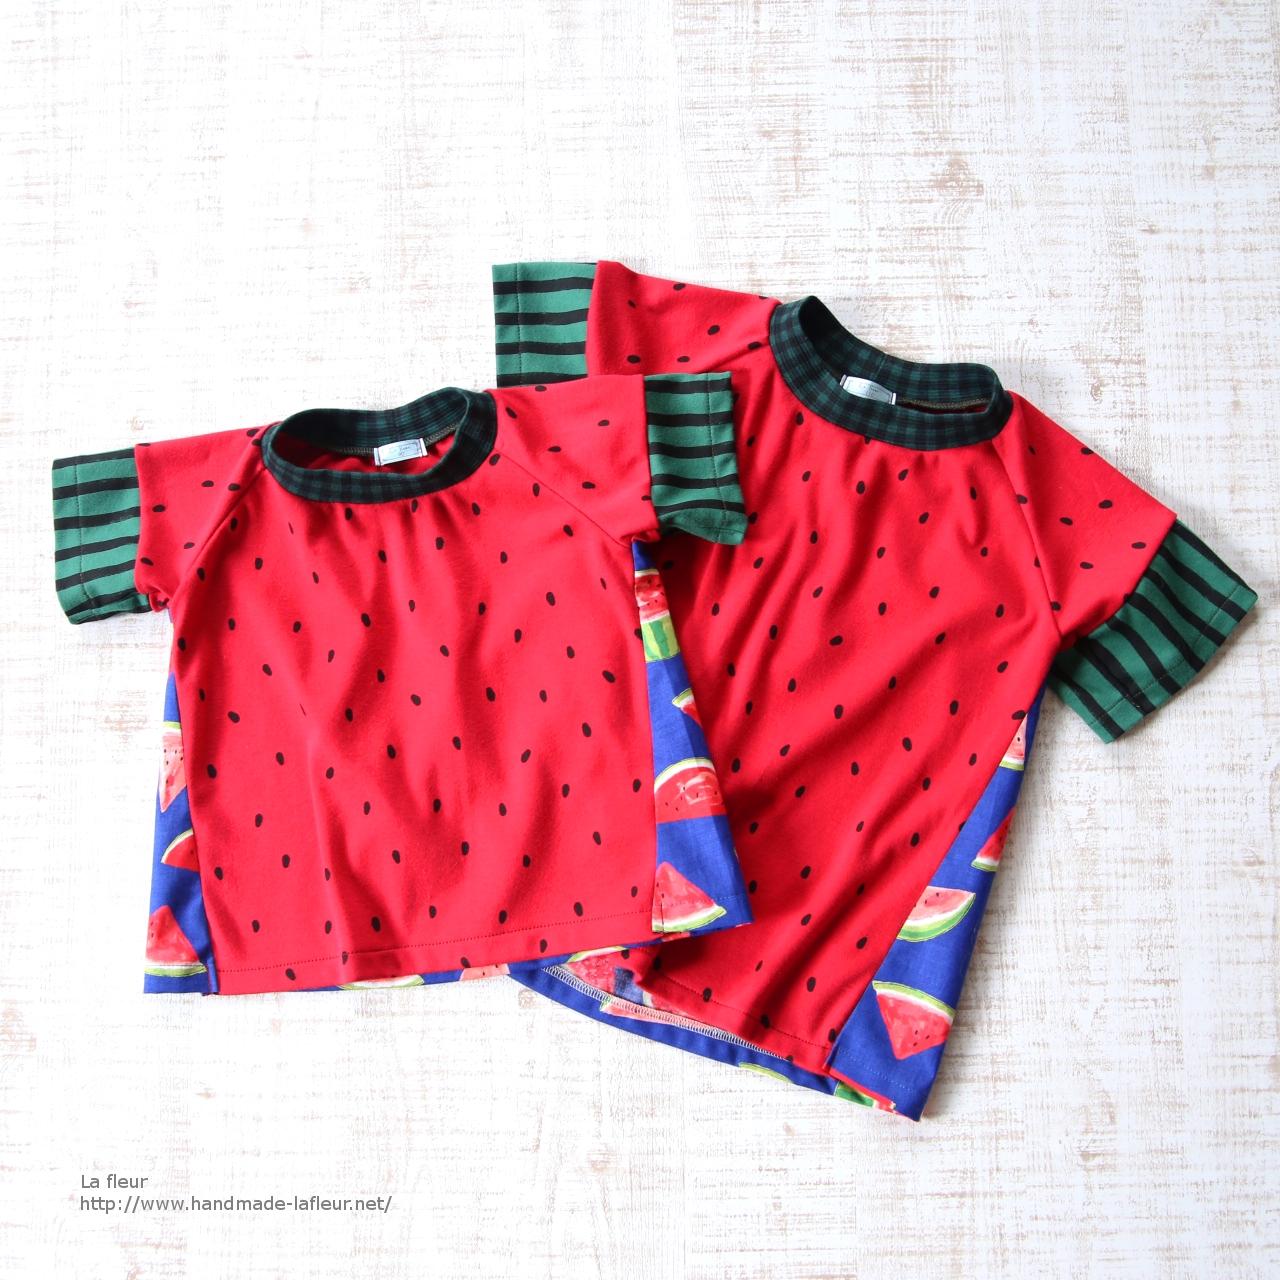 【110】スイカTシャツ男の子用*ロンリーTシャツ カットソー/Lafleur